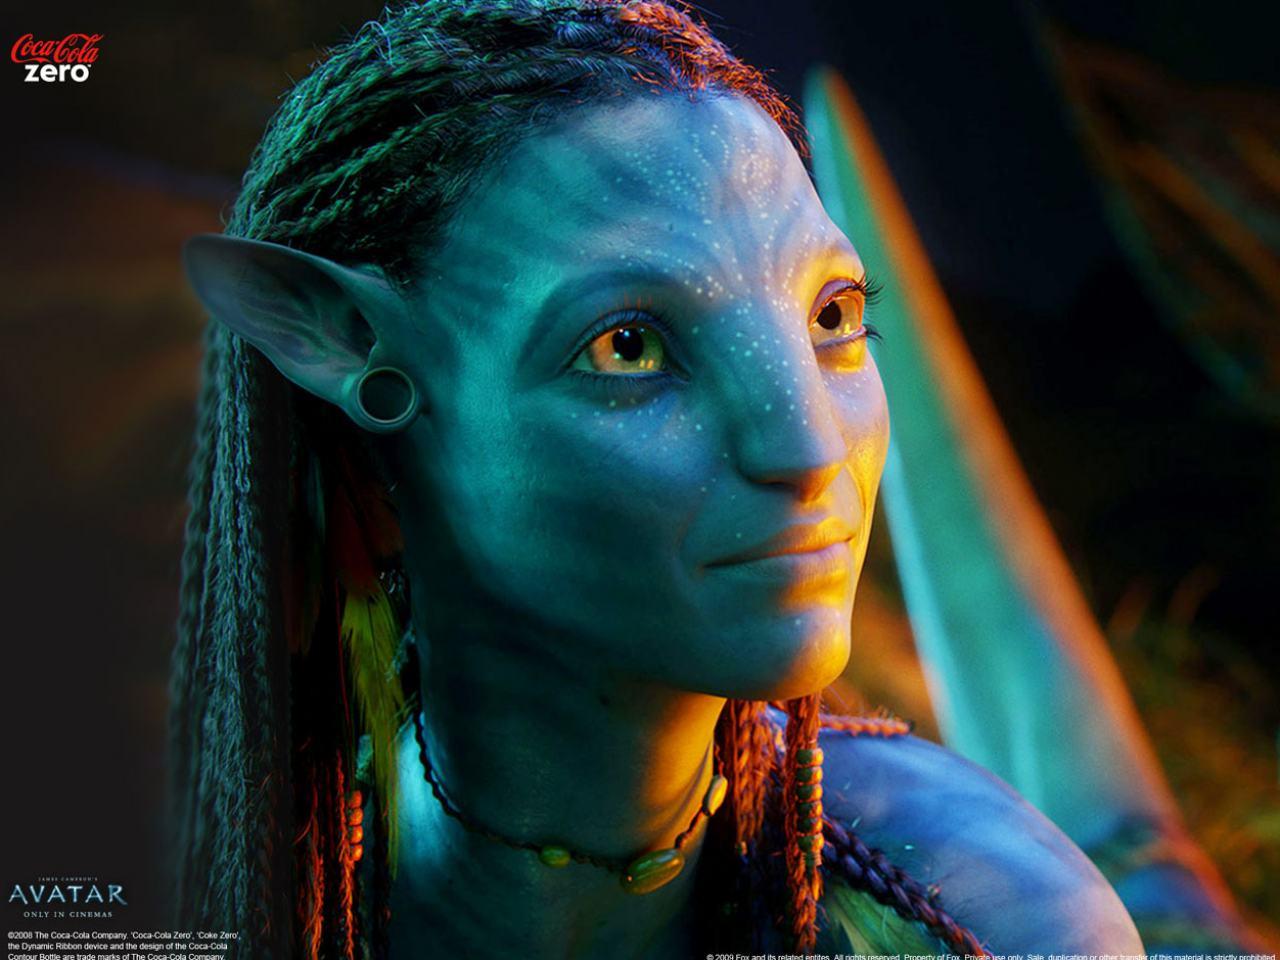 Avatar 2012 - mp3 скачать бесплатно Быстрый поиск музыки.